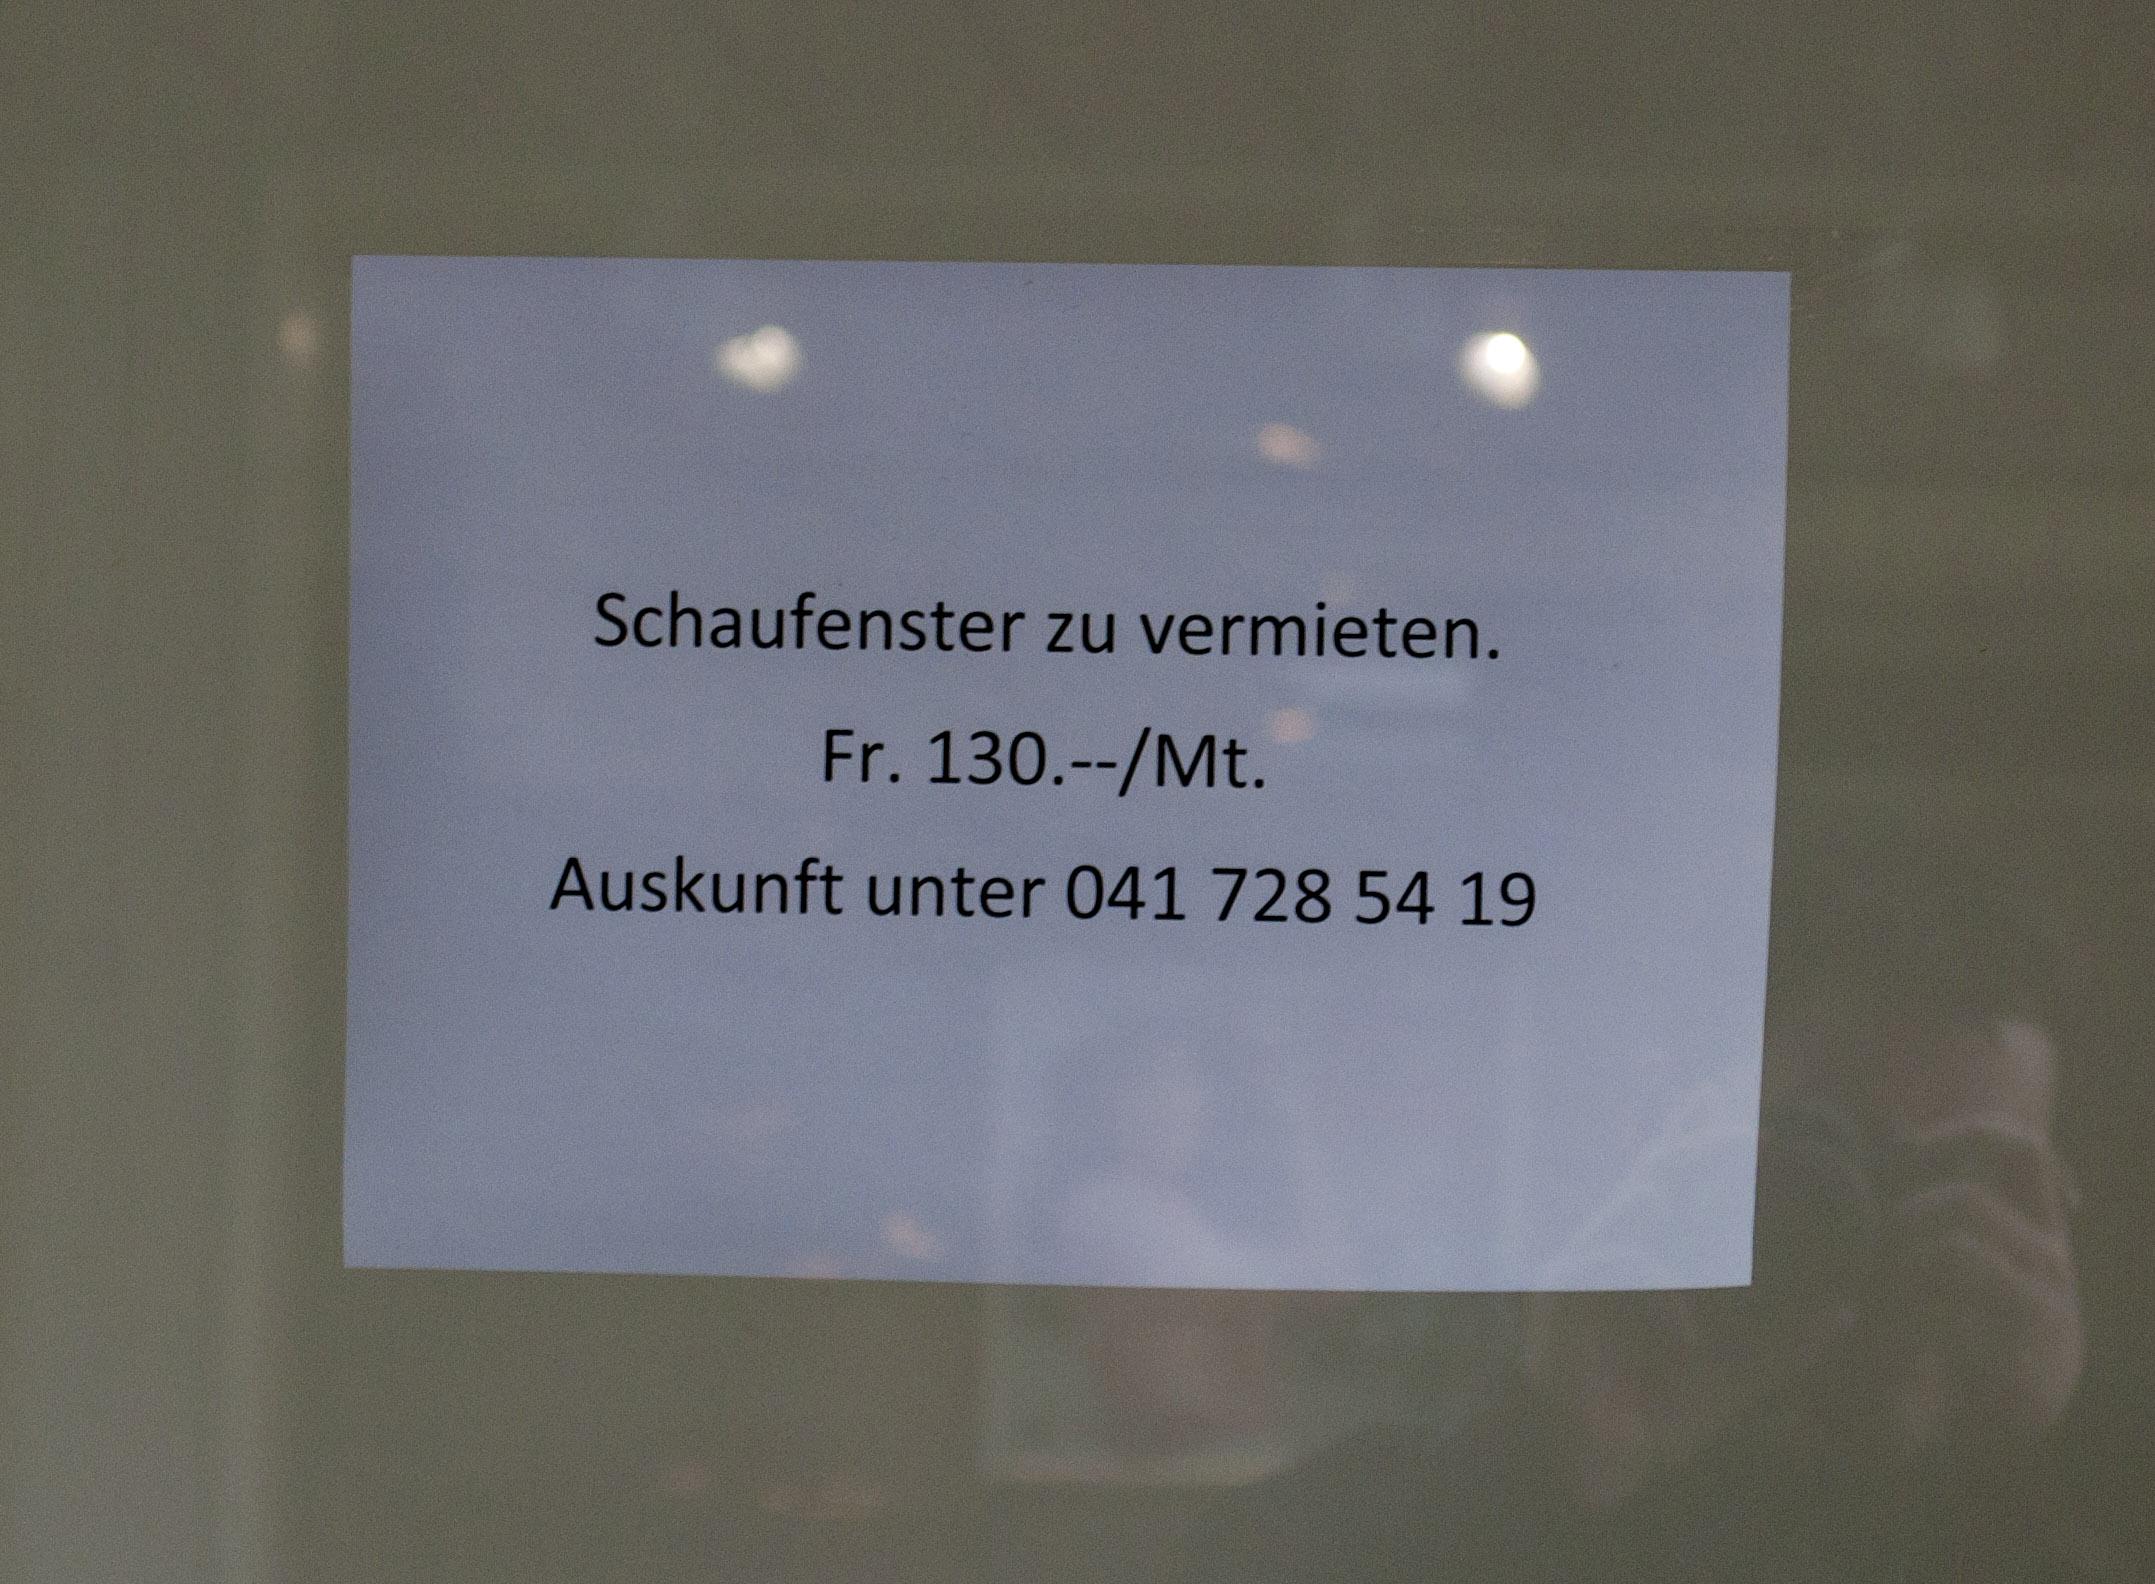 Zu vermieten: Schaufenster des Kantons.